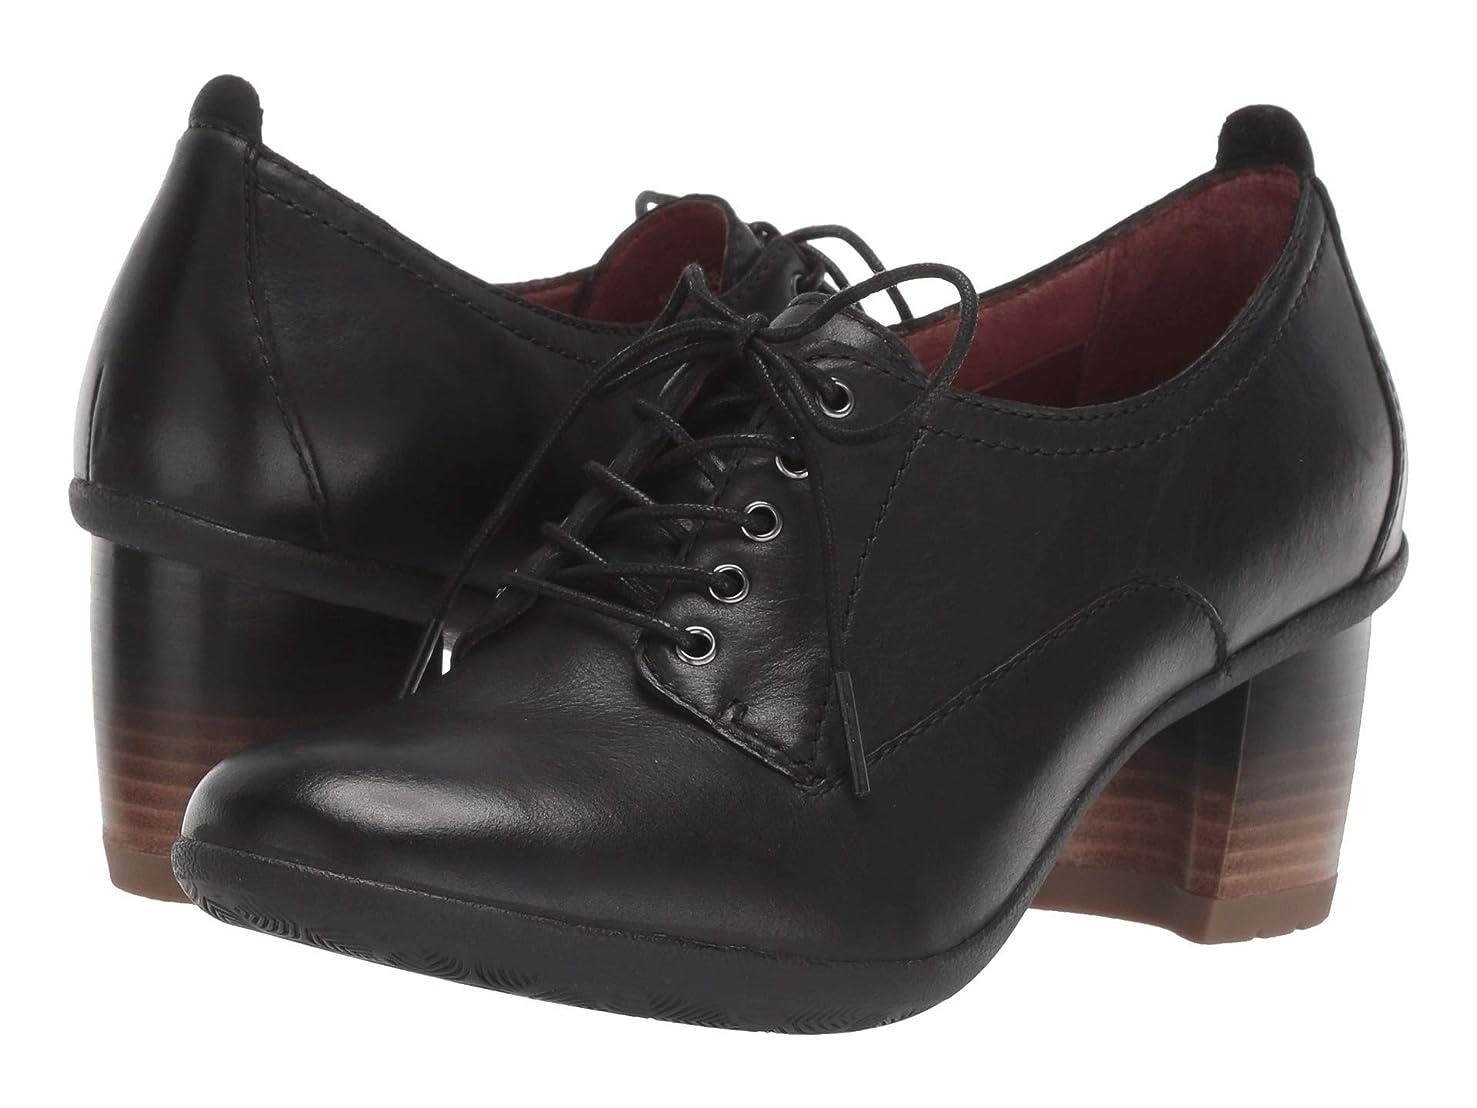 イタリアの最少人事レディースレースアップ?オックスフォード?靴 Pennie Black Waterproof Burnished 42 (US Women's 11.5-12) (26-26.5cm) Regular [並行輸入品]